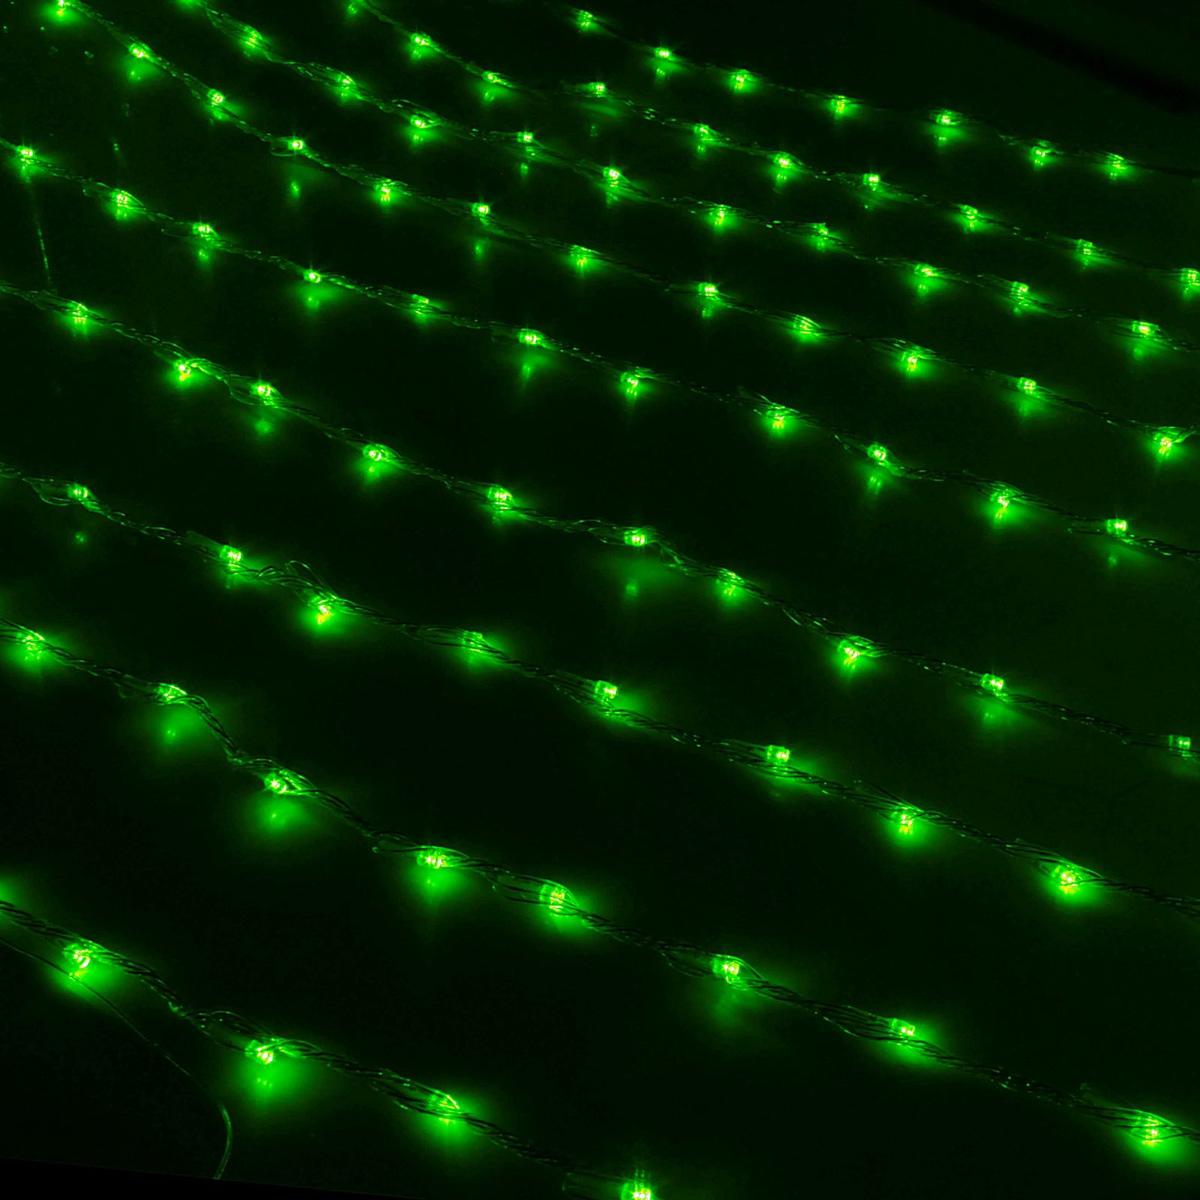 Гирлянда светодиодная Luazon Дождь, уличная, 8 режимов, 1500 ламп, 220 V, цвет: зеленый, 2 х 6 м. 187306187306Светодиодные гирлянды, ленты и т.д — это отличный вариант для новогоднего оформления интерьера или фасада. С их помощью помещение любого размера можно превратить в праздничный зал, а внешние элементы зданий, украшенные ими, мгновенно станут напоминать очертания сказочного дворца. Такие украшения создают ауру предвкушения чуда. Деревья, фасады, витрины, окна и арки будто специально созданы, чтобы вы украсили их светящимися нитями.